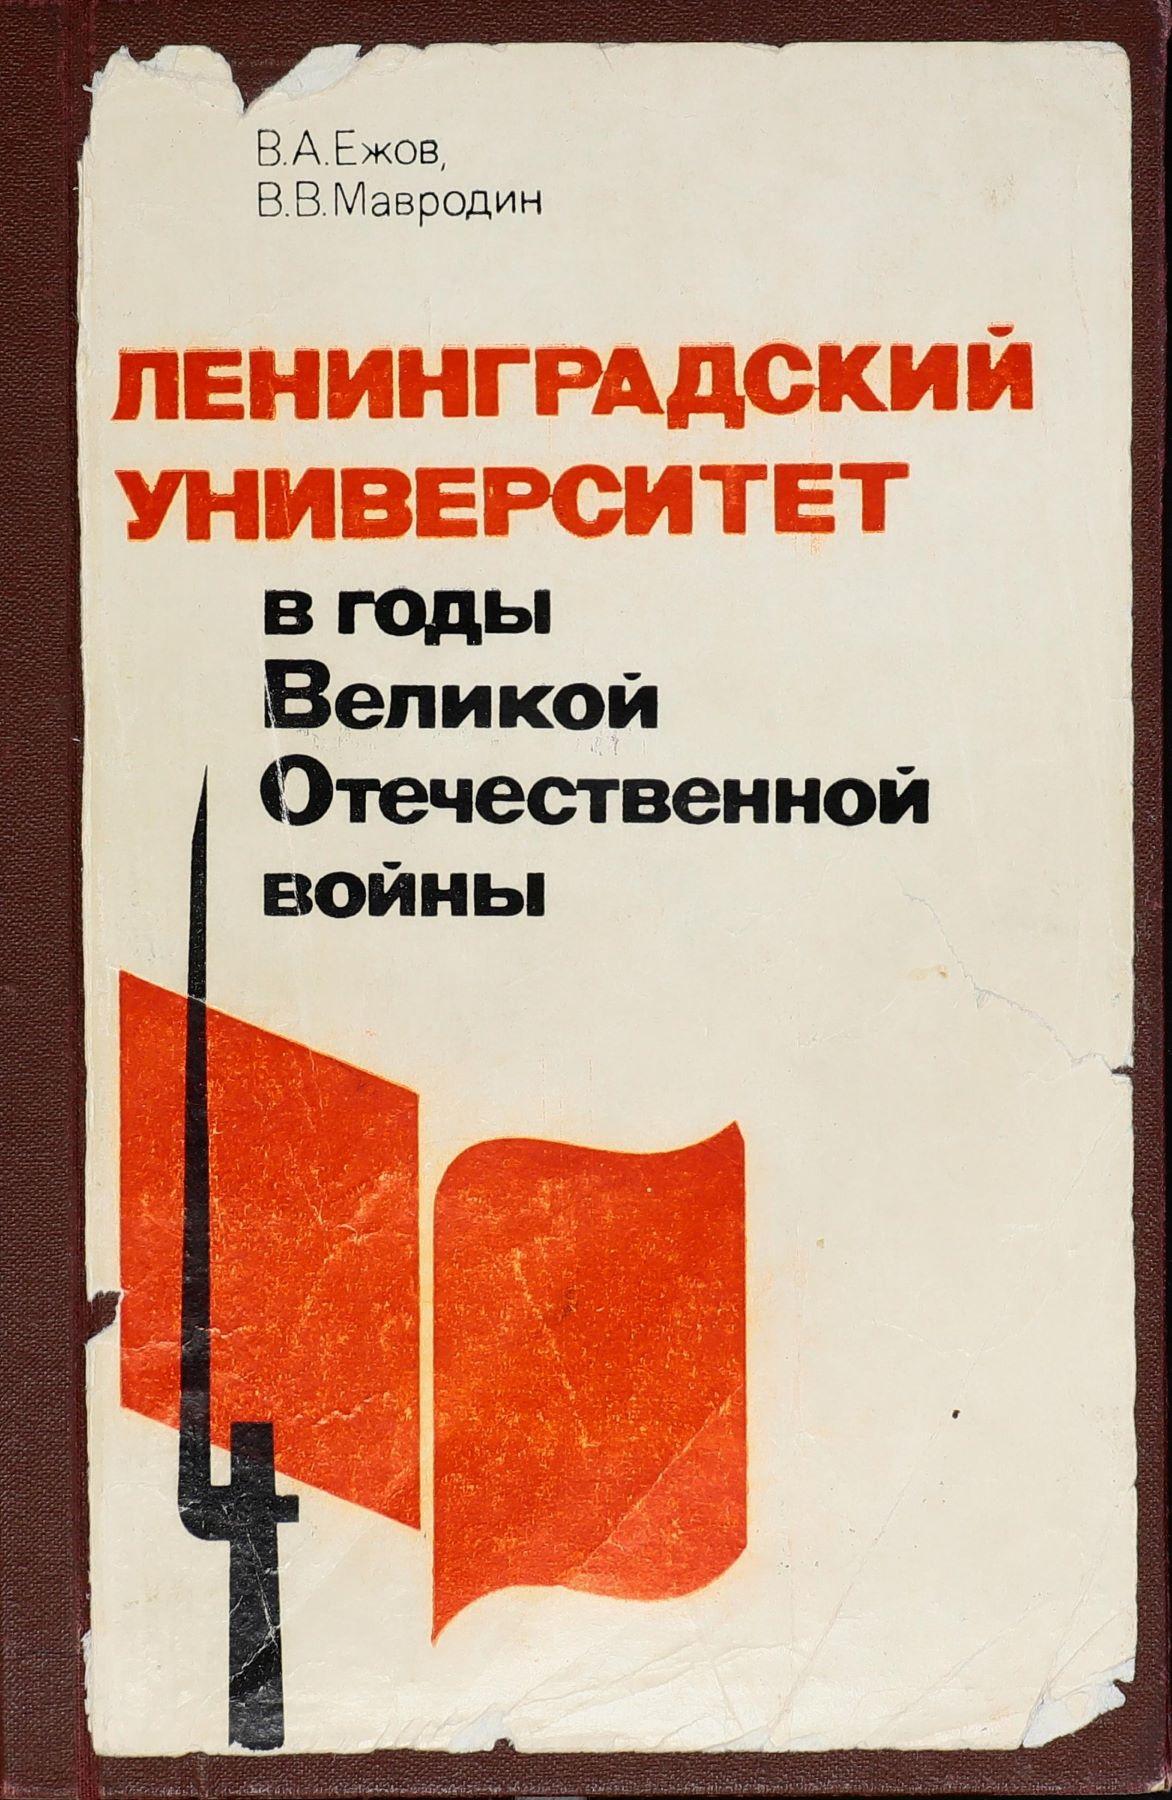 В. А. Ежов, В. В. Мавродин «Ленинградский университет в годы Великой Отечественной войны». 1975 год